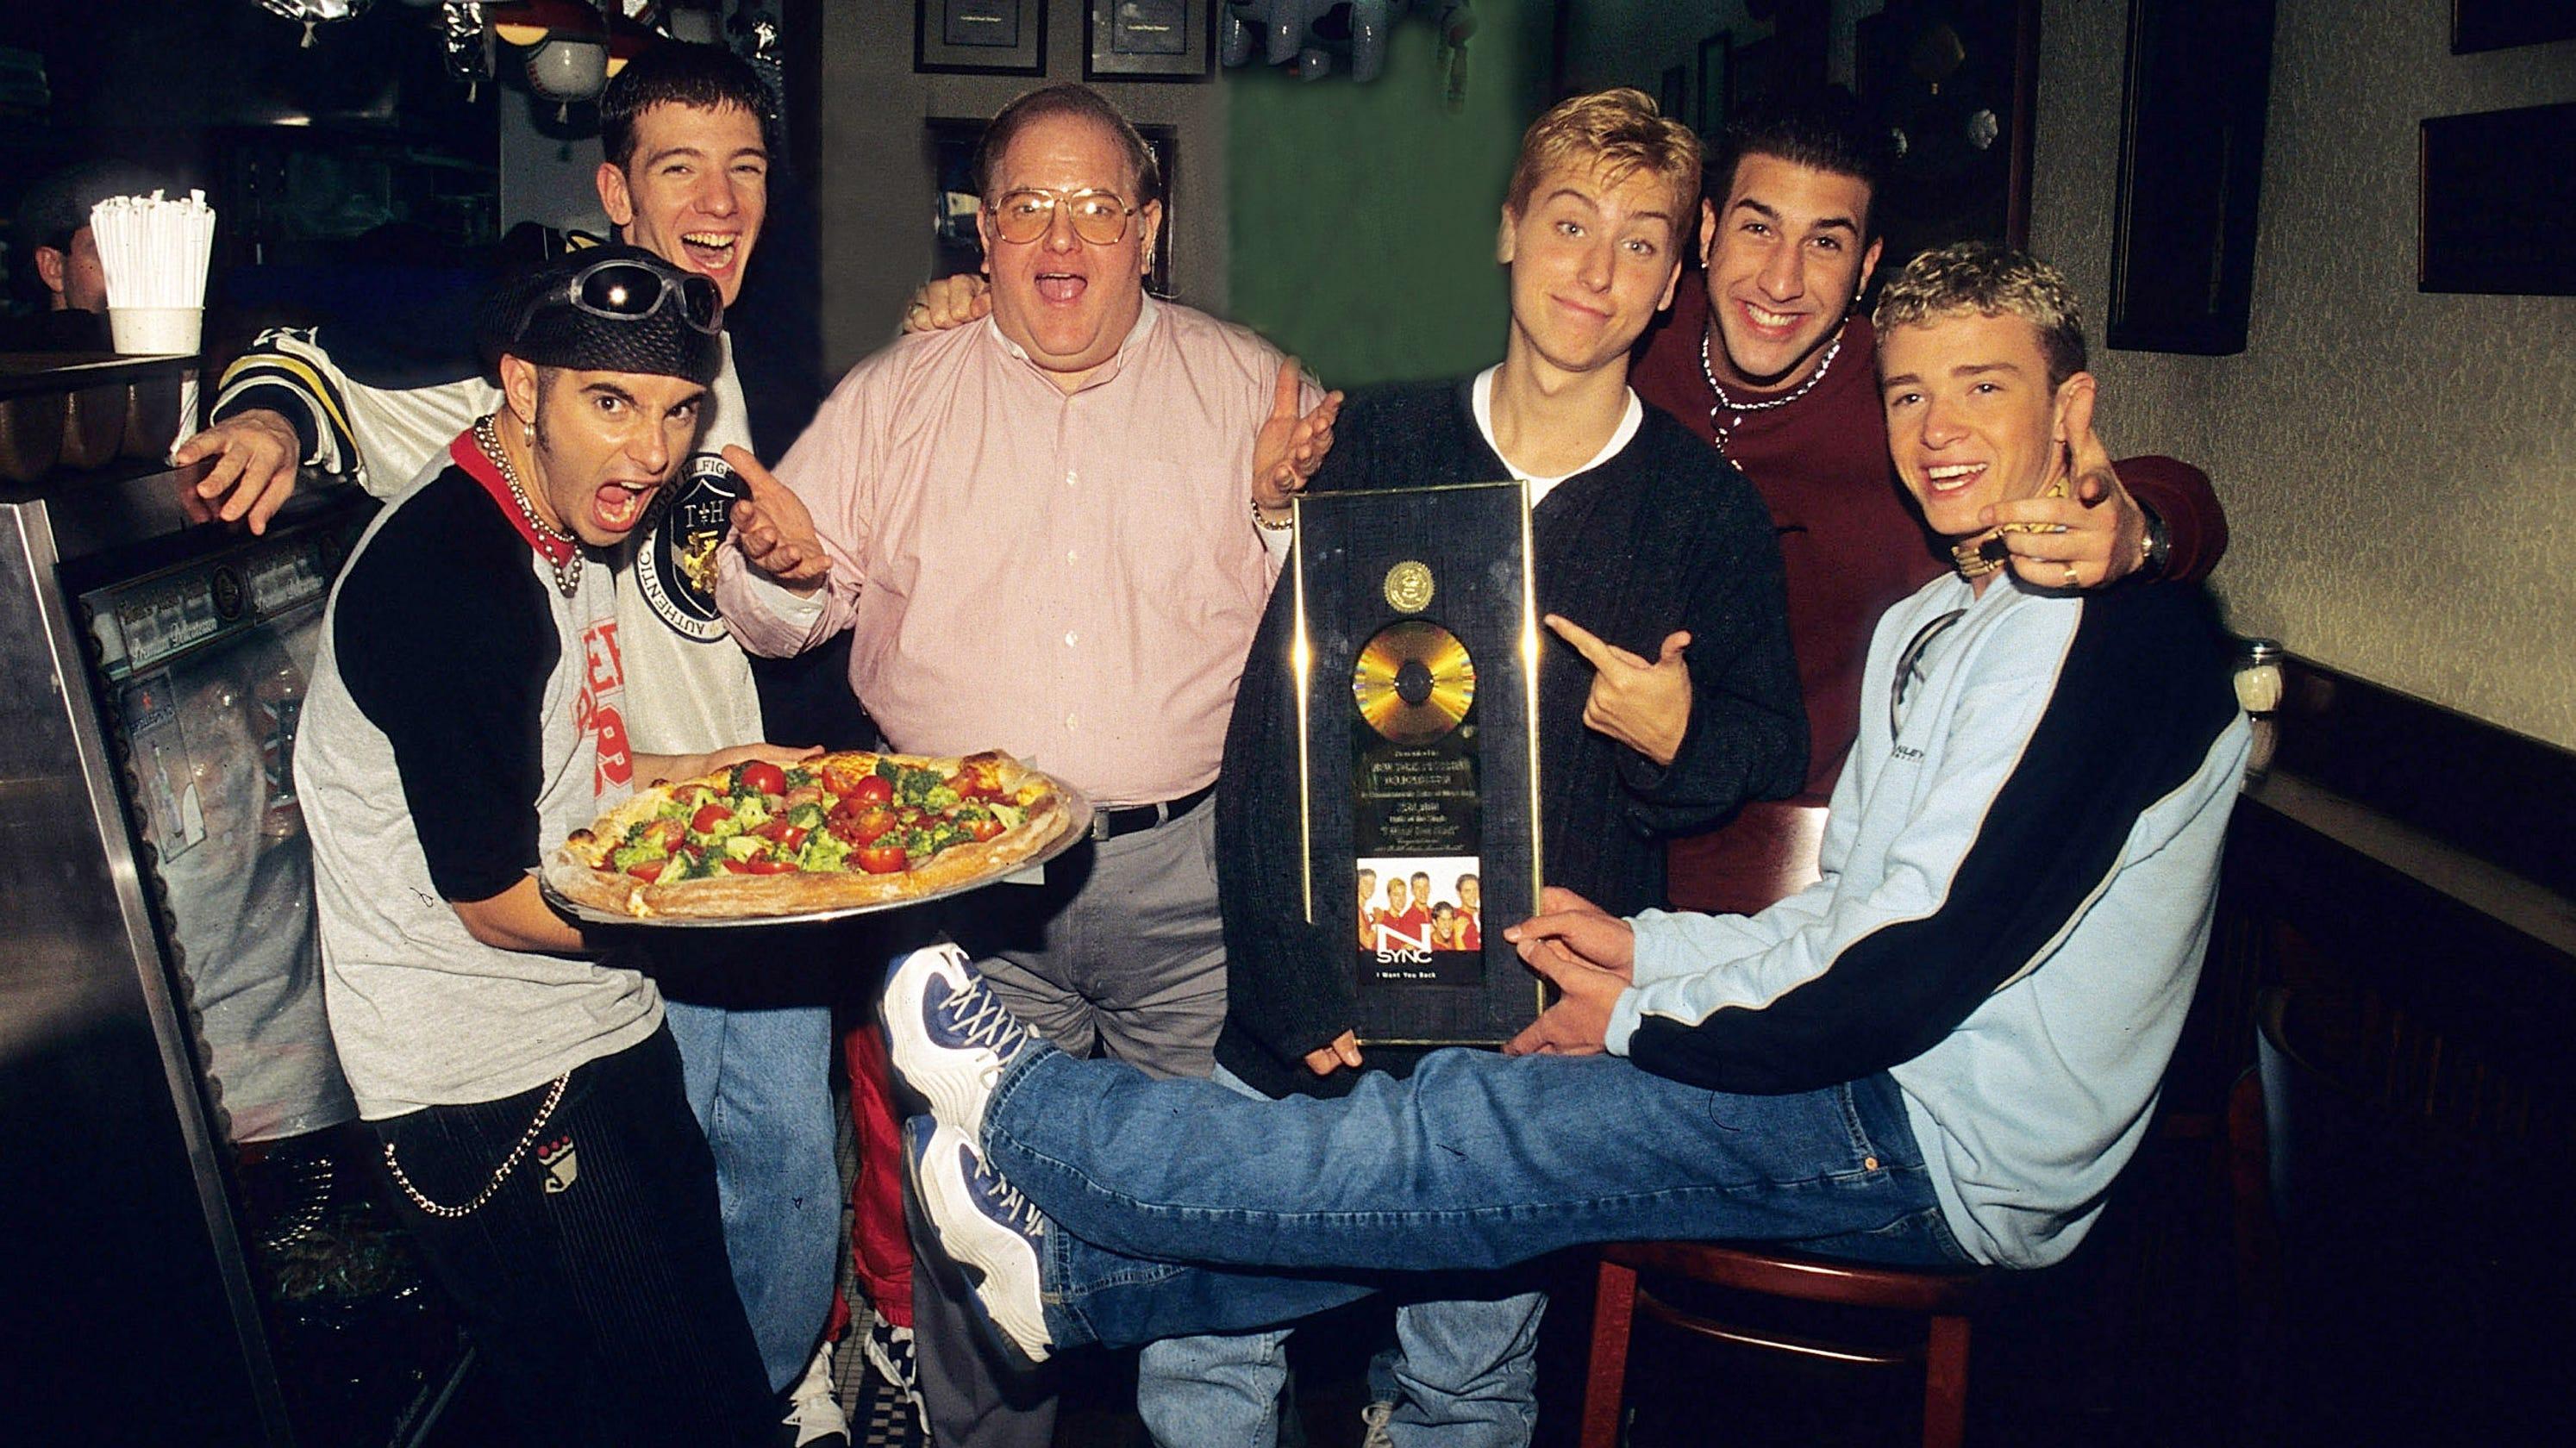 Backstreet Boys, 'N Sync Detail How Lou Pearlman Stole